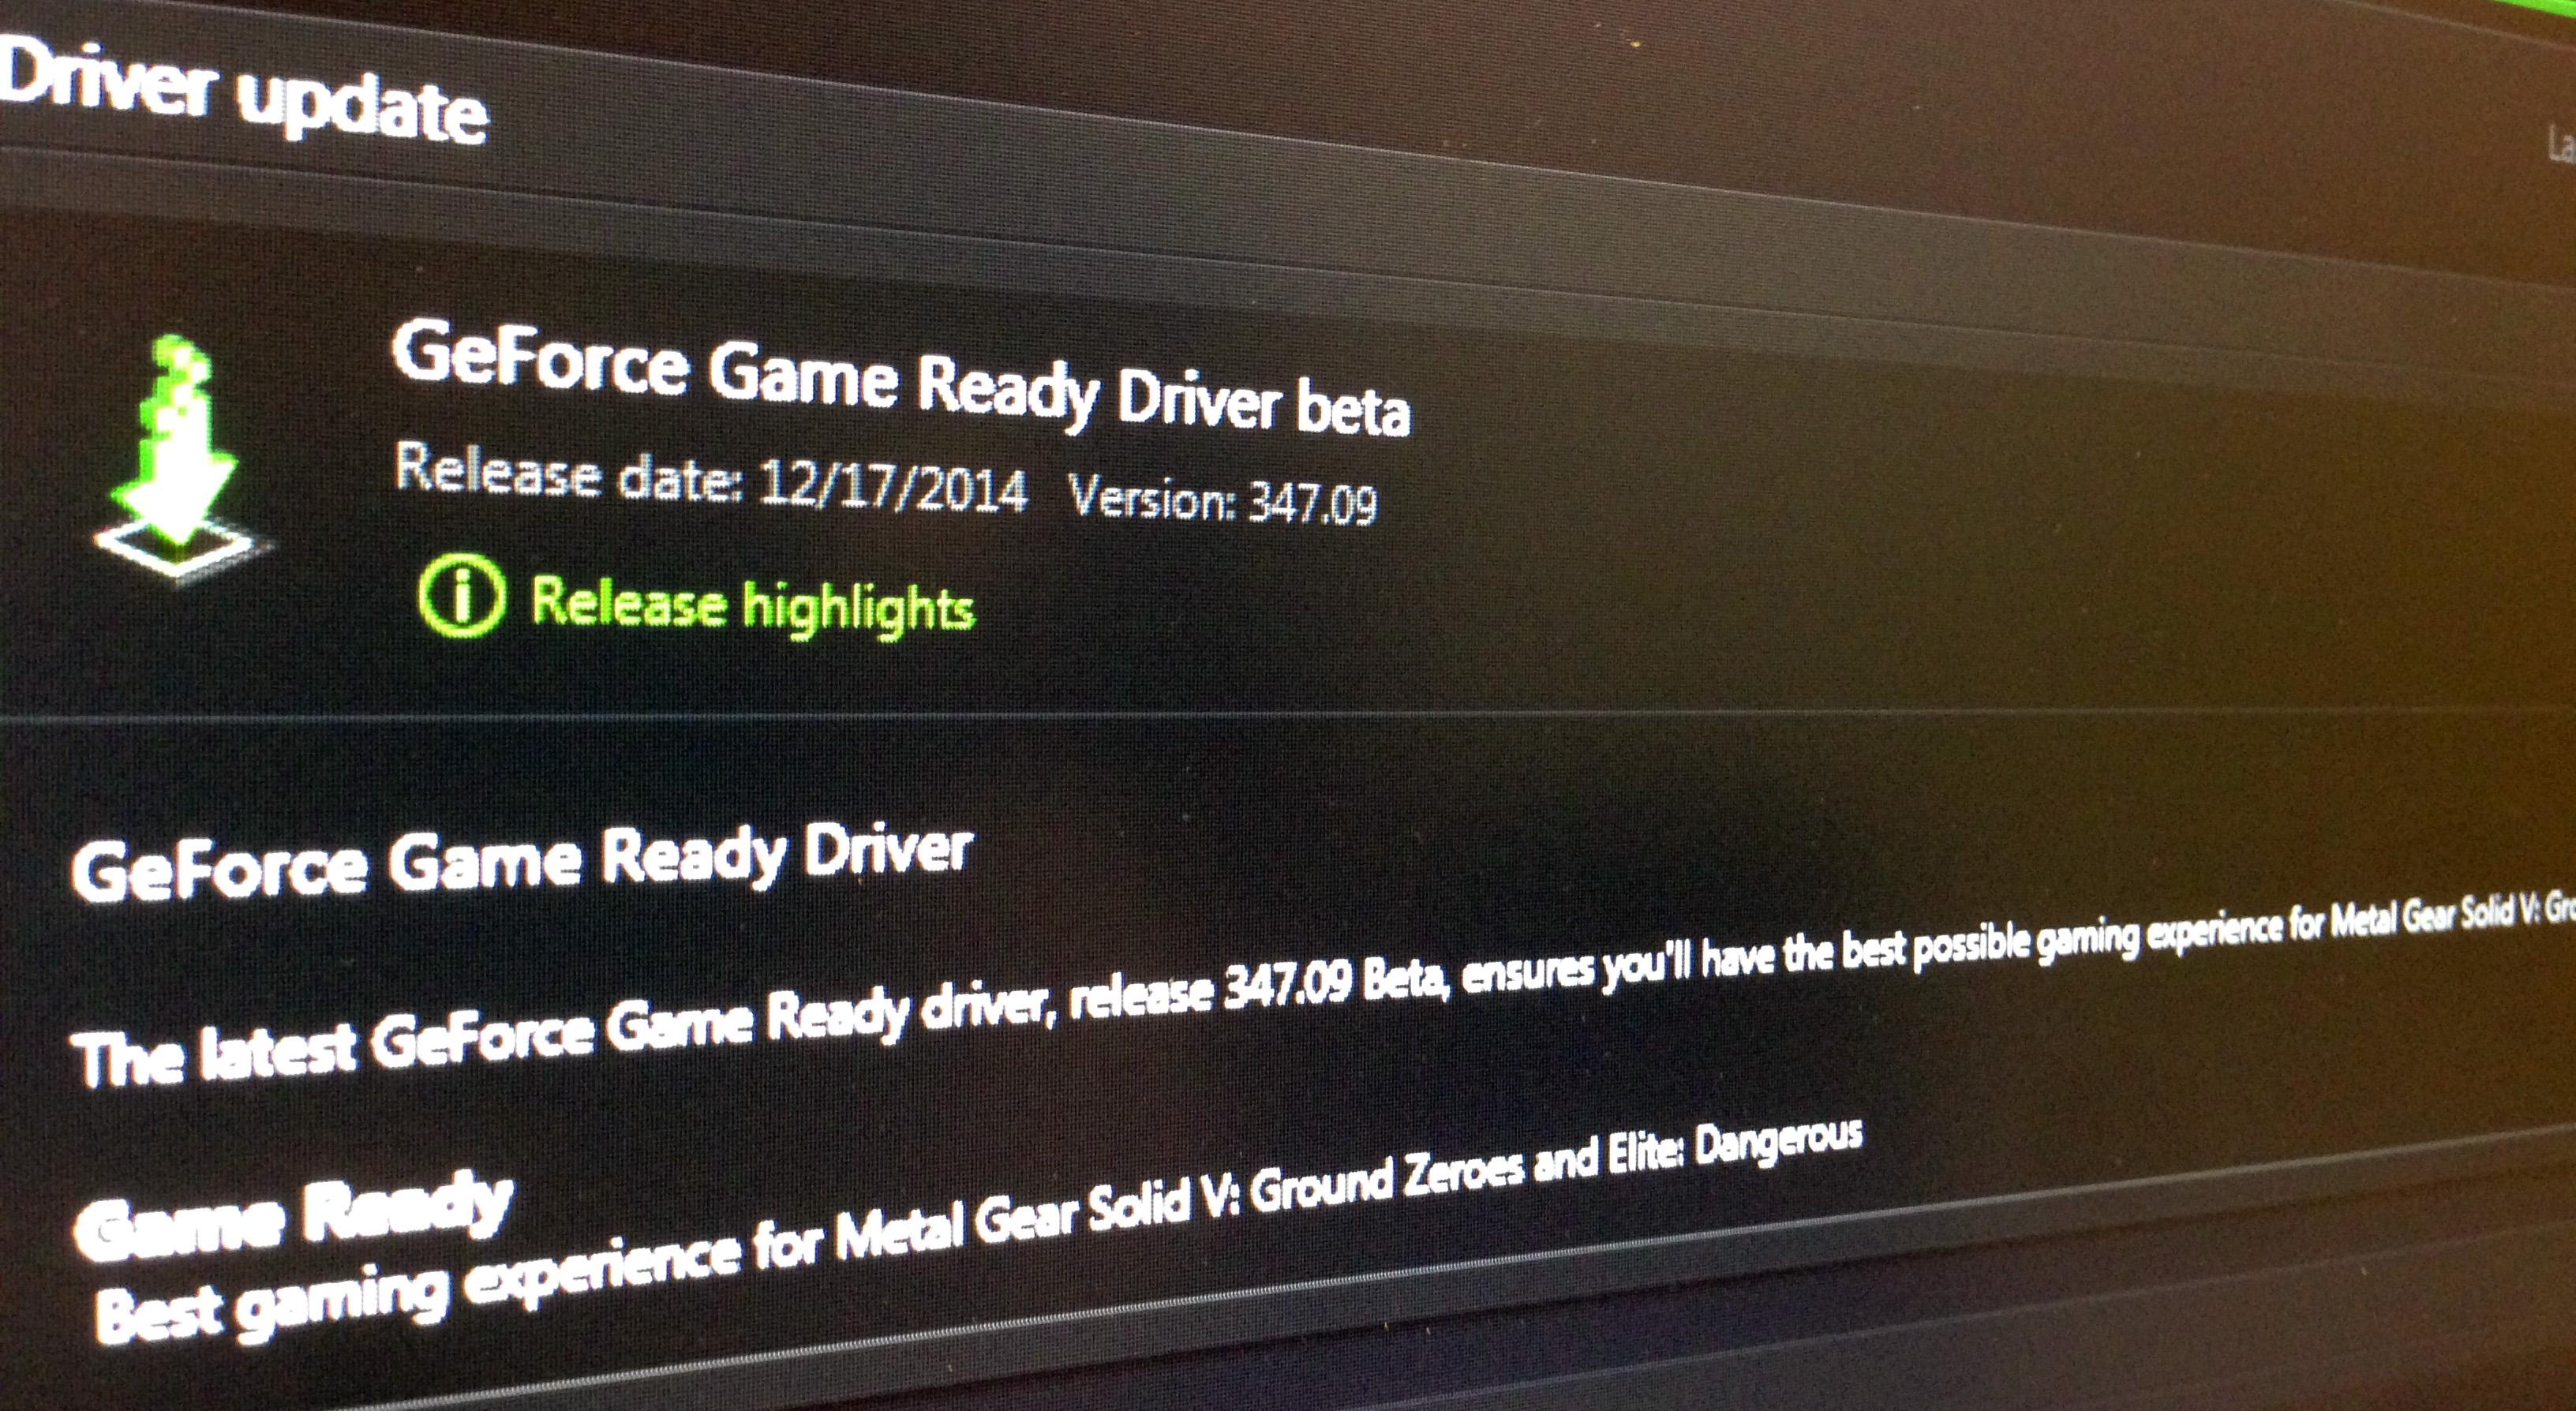 nvidia driver experience